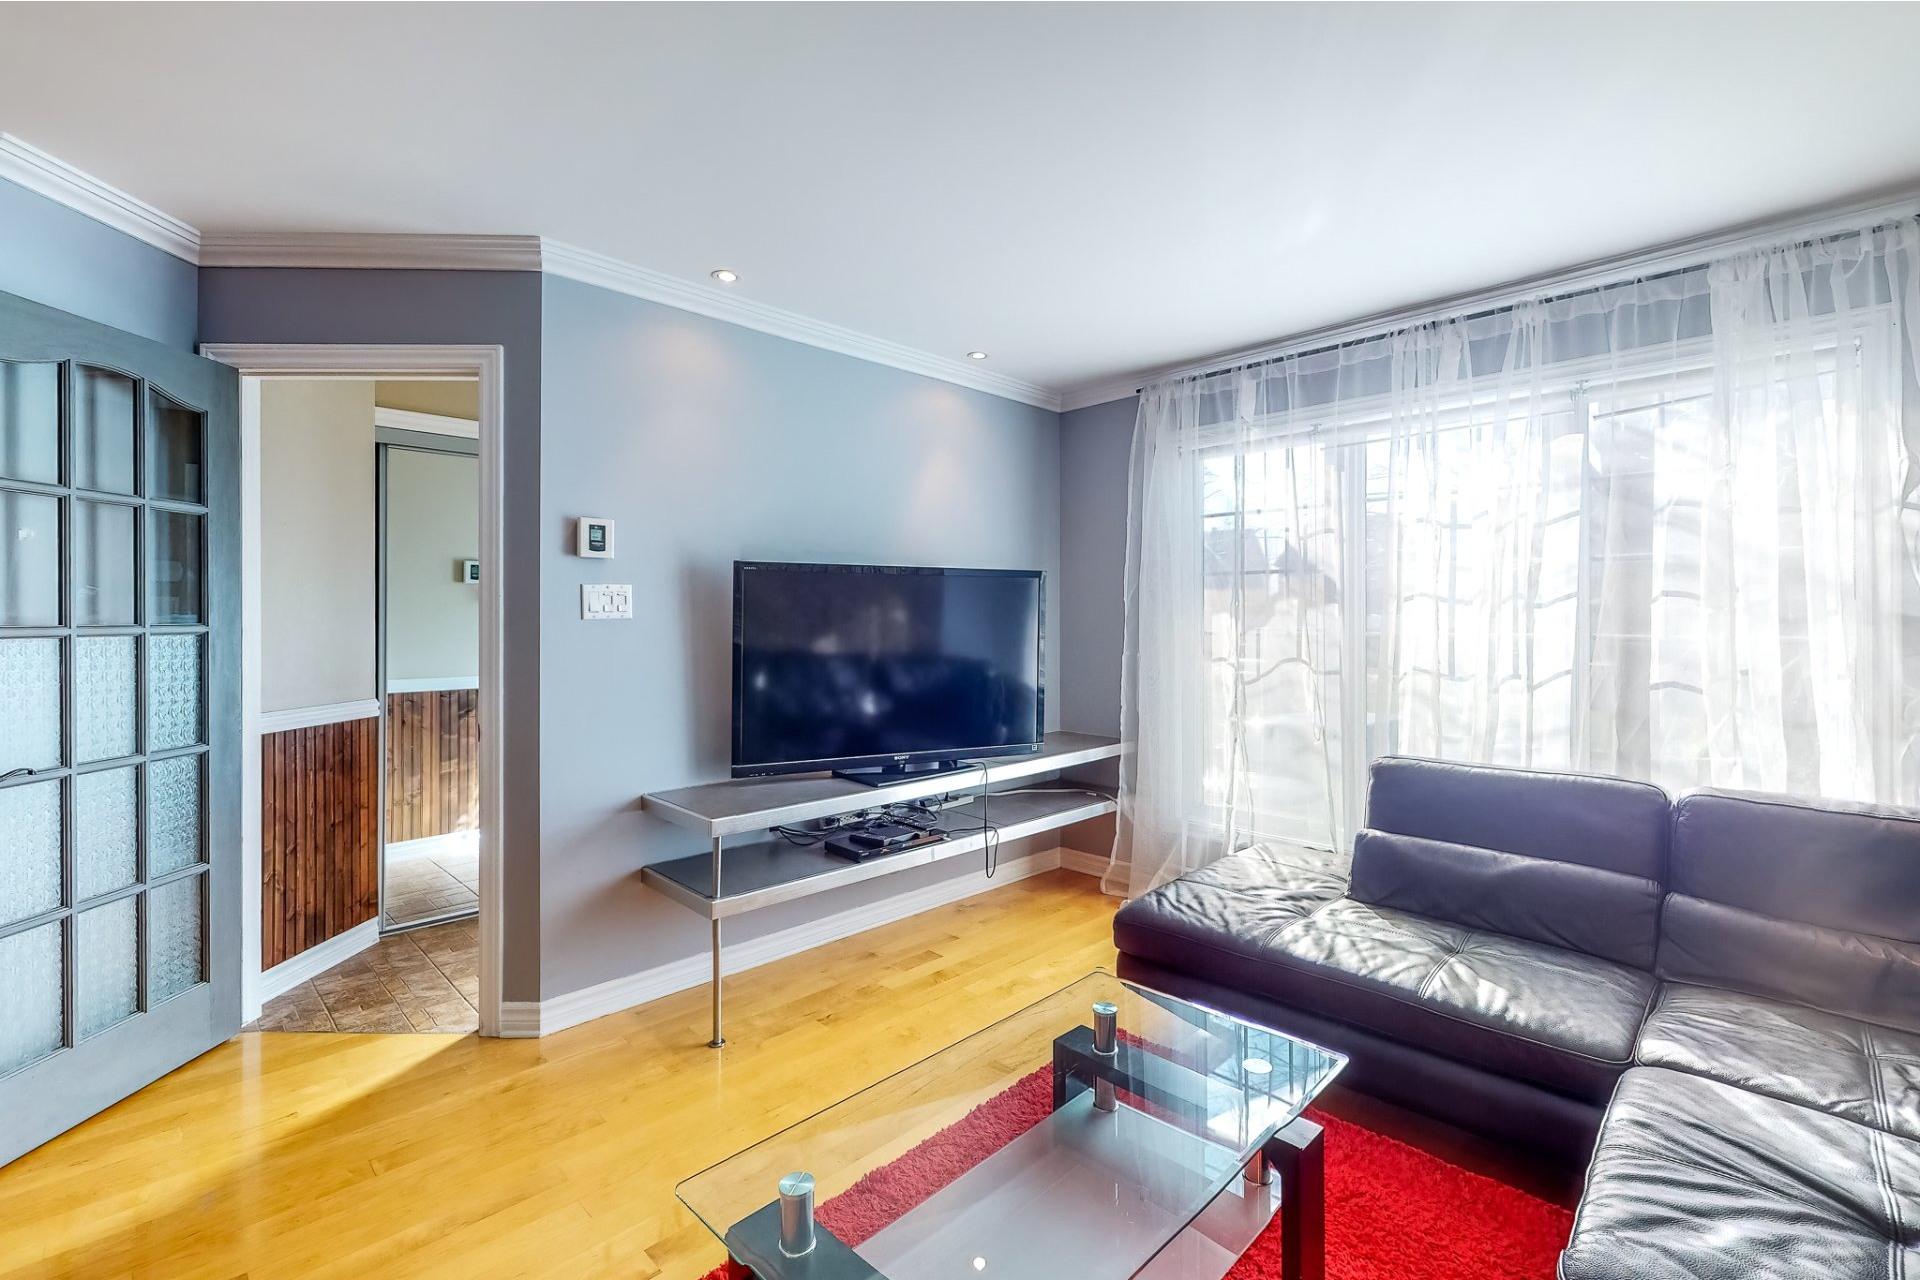 image 5 - Maison À vendre Le Vieux-Longueuil Longueuil  - 14 pièces